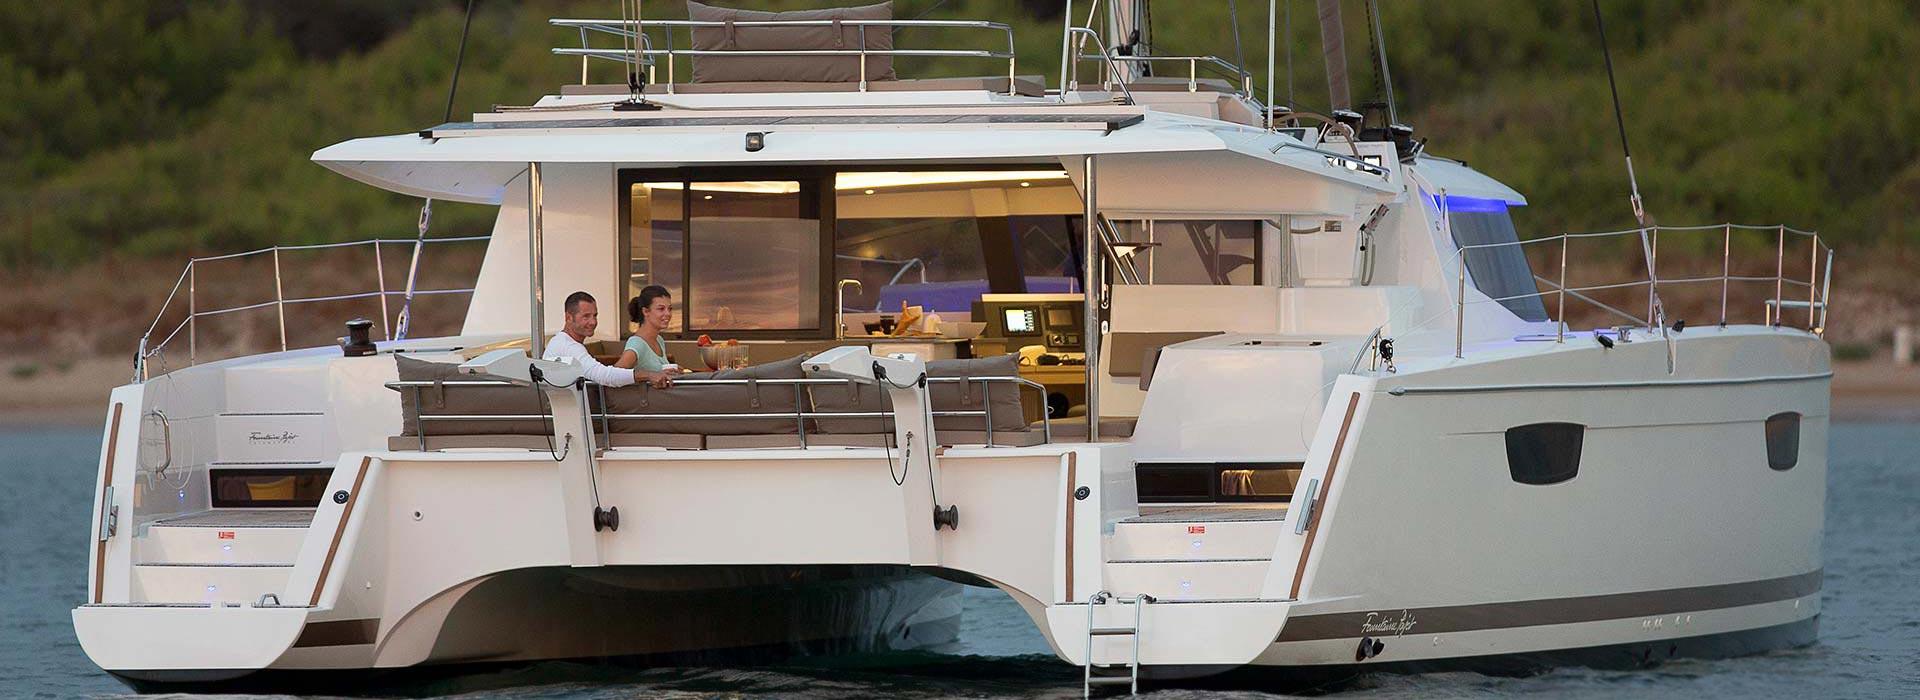 inside a luxury yacht